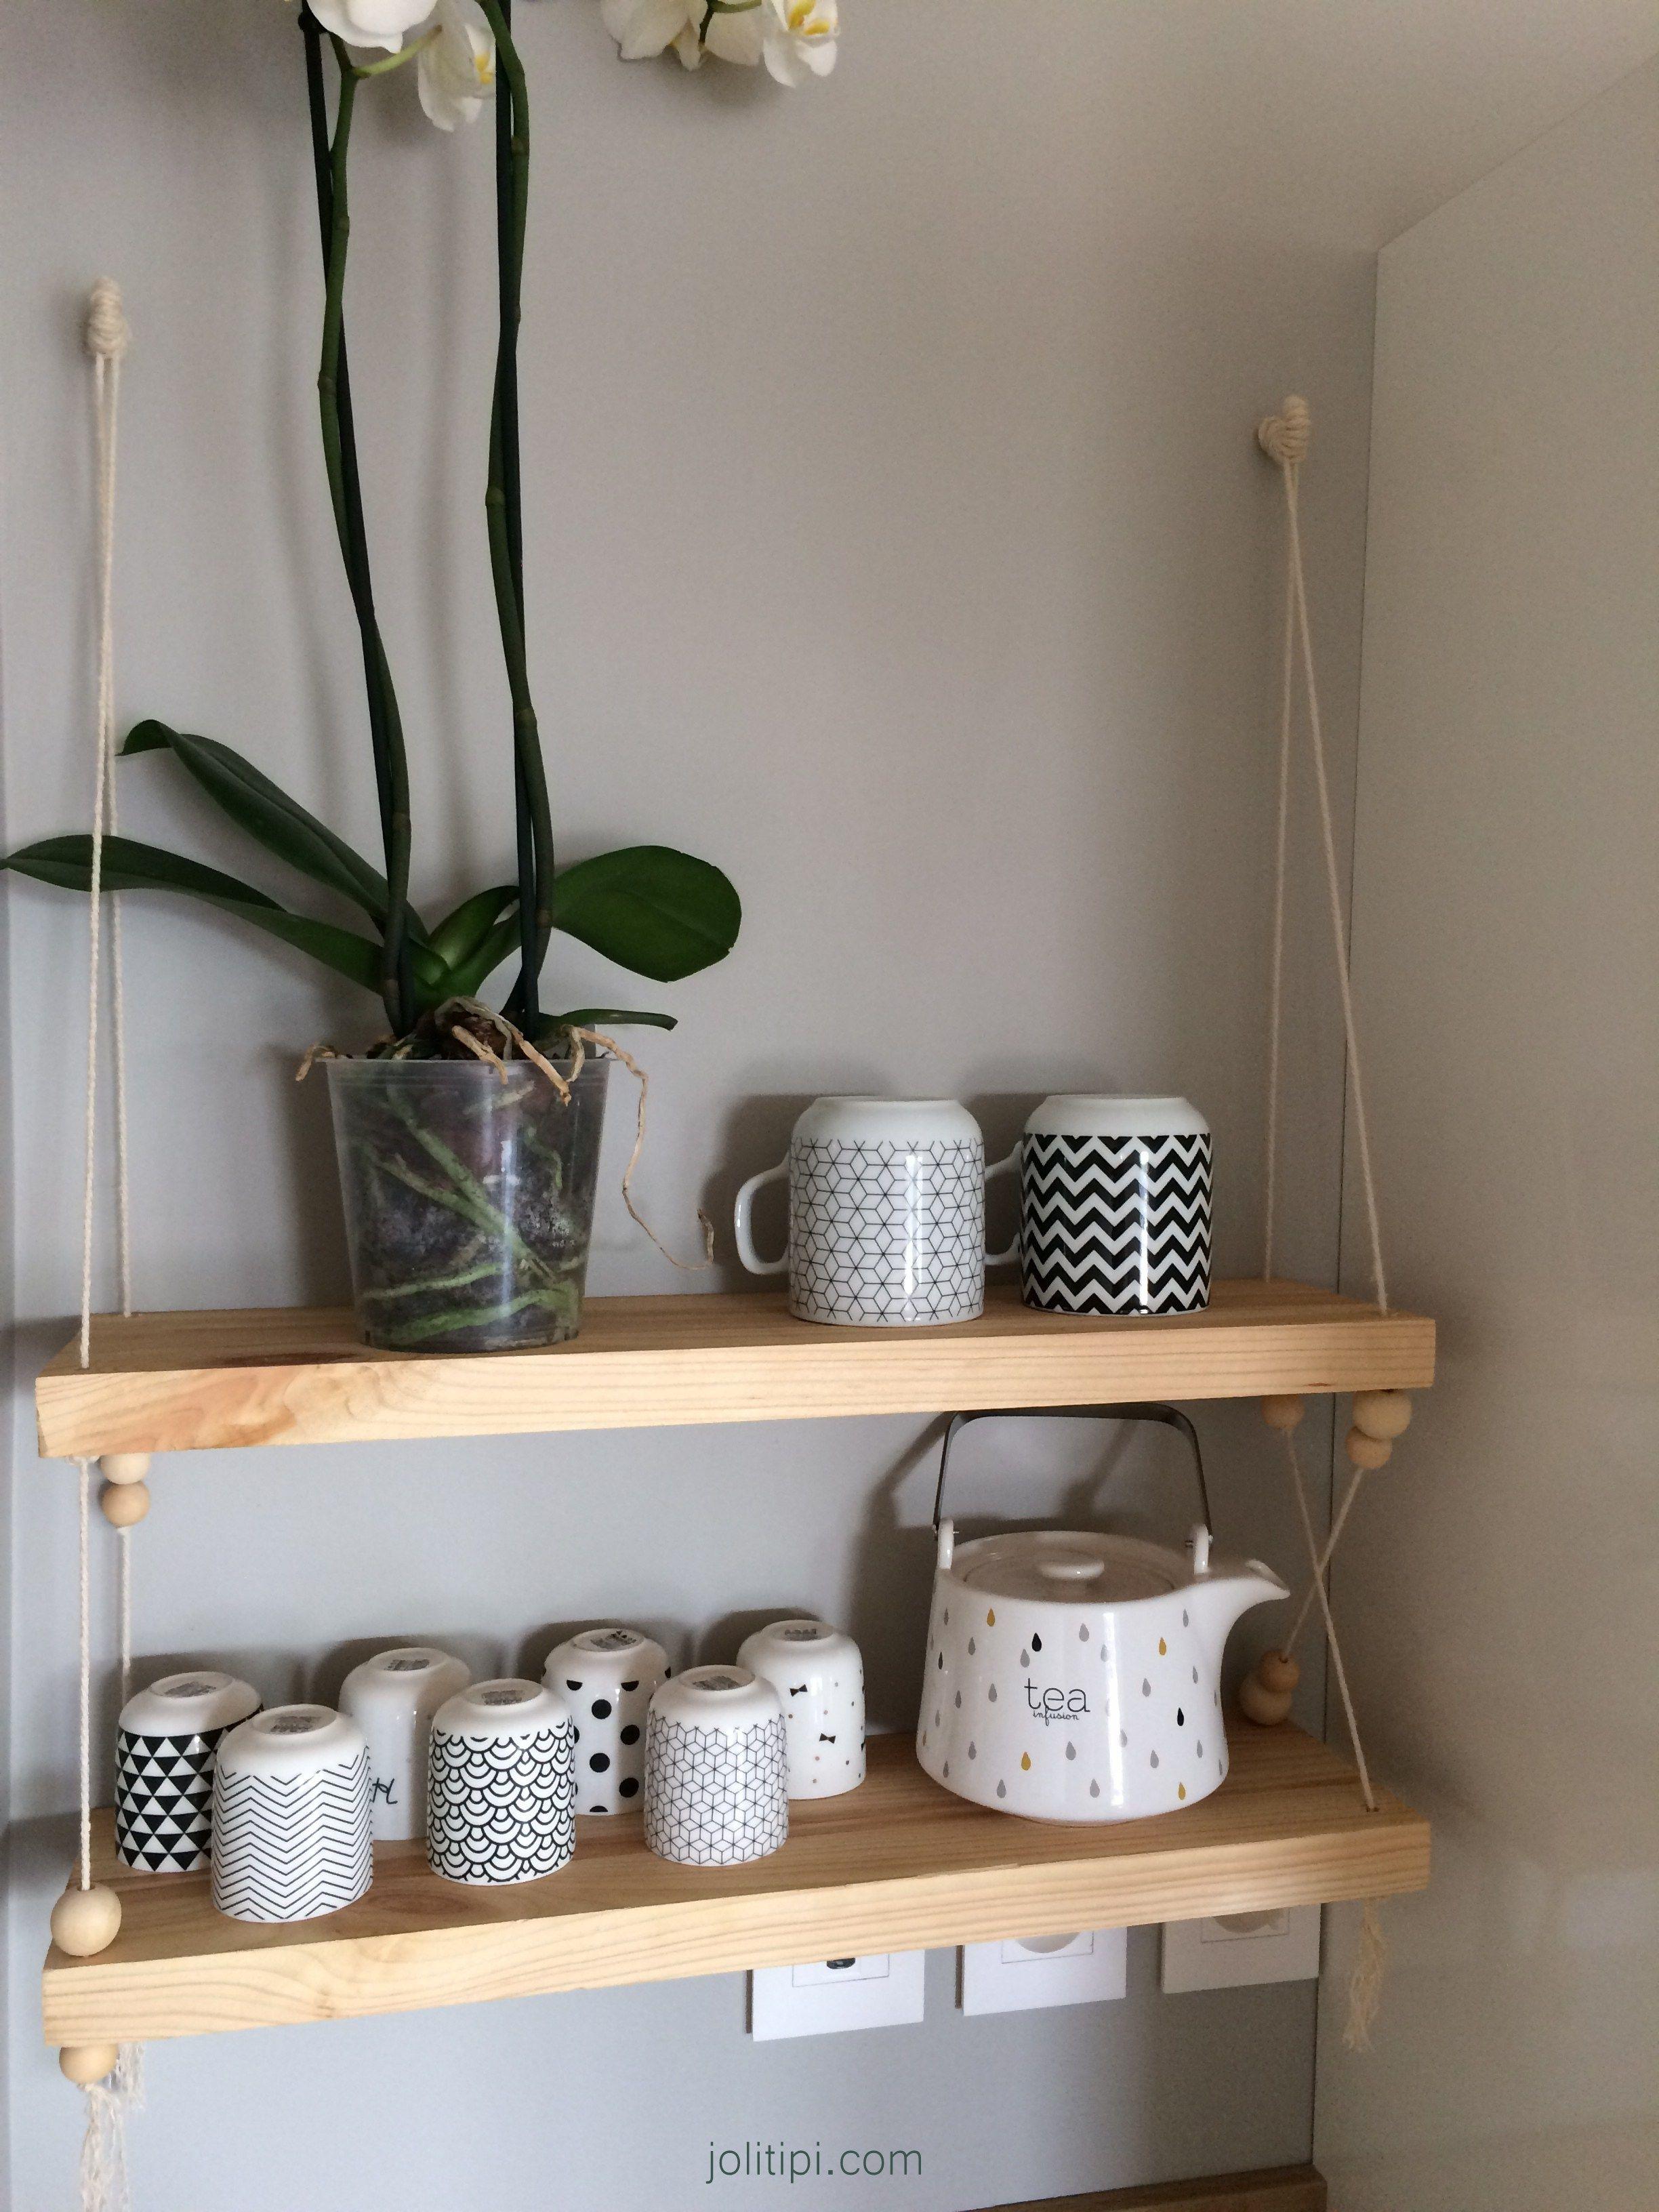 Étagère suspendue en bois, corde et perles : mon diy | creations